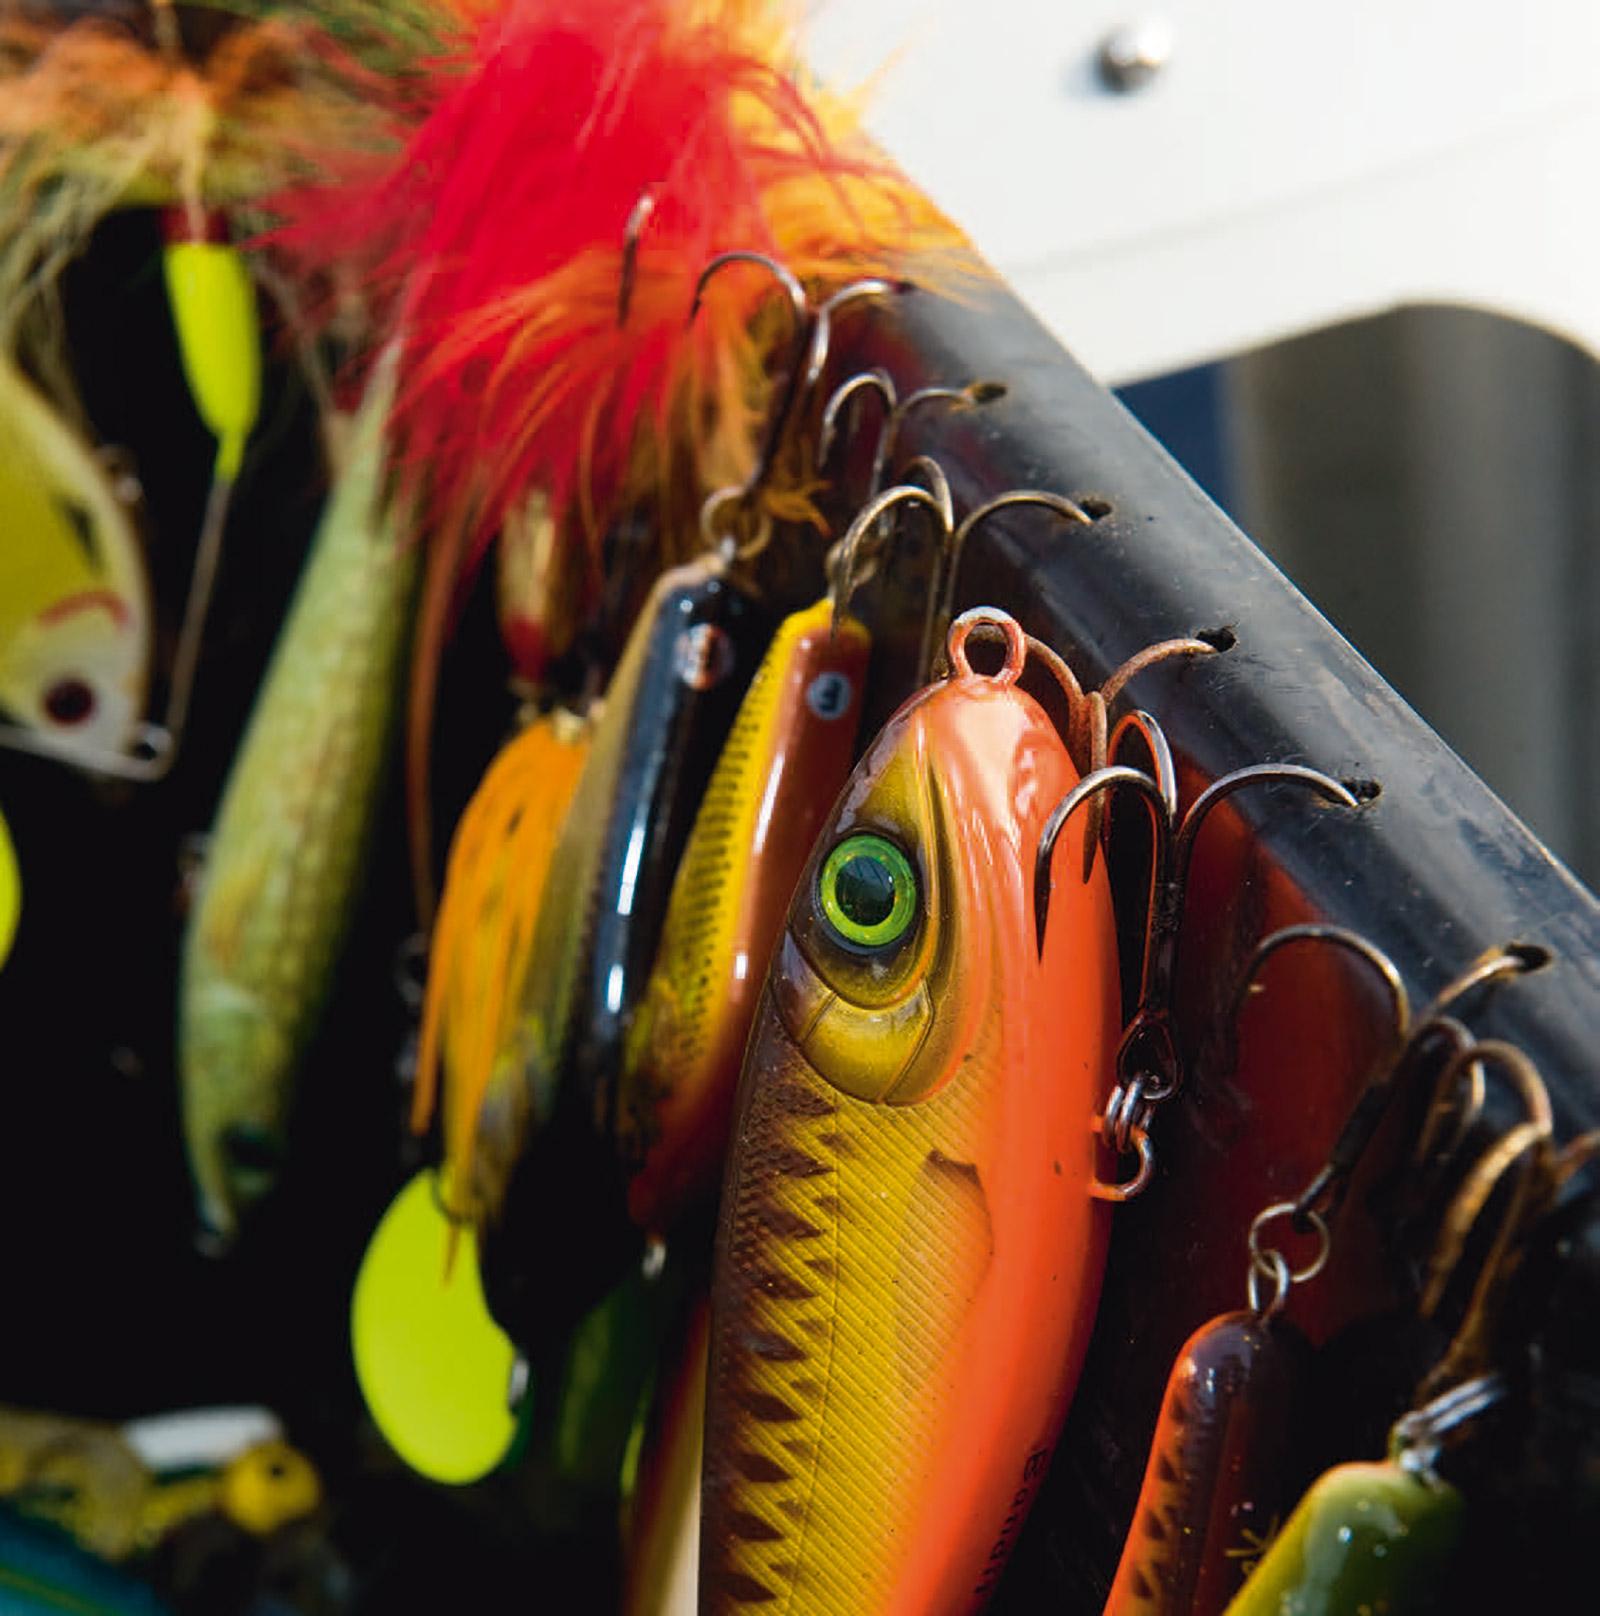 Traditionelle geddebaits er fra producentens side monteret med kæmpestore kroge - med grove modhager, der tilføjer fisken unødig skade. Ved at skifte til montager med betydeligt mindre kroge - kan man let nedsætte blødninger og krogsårenes størrelse med flere hundrede procent.